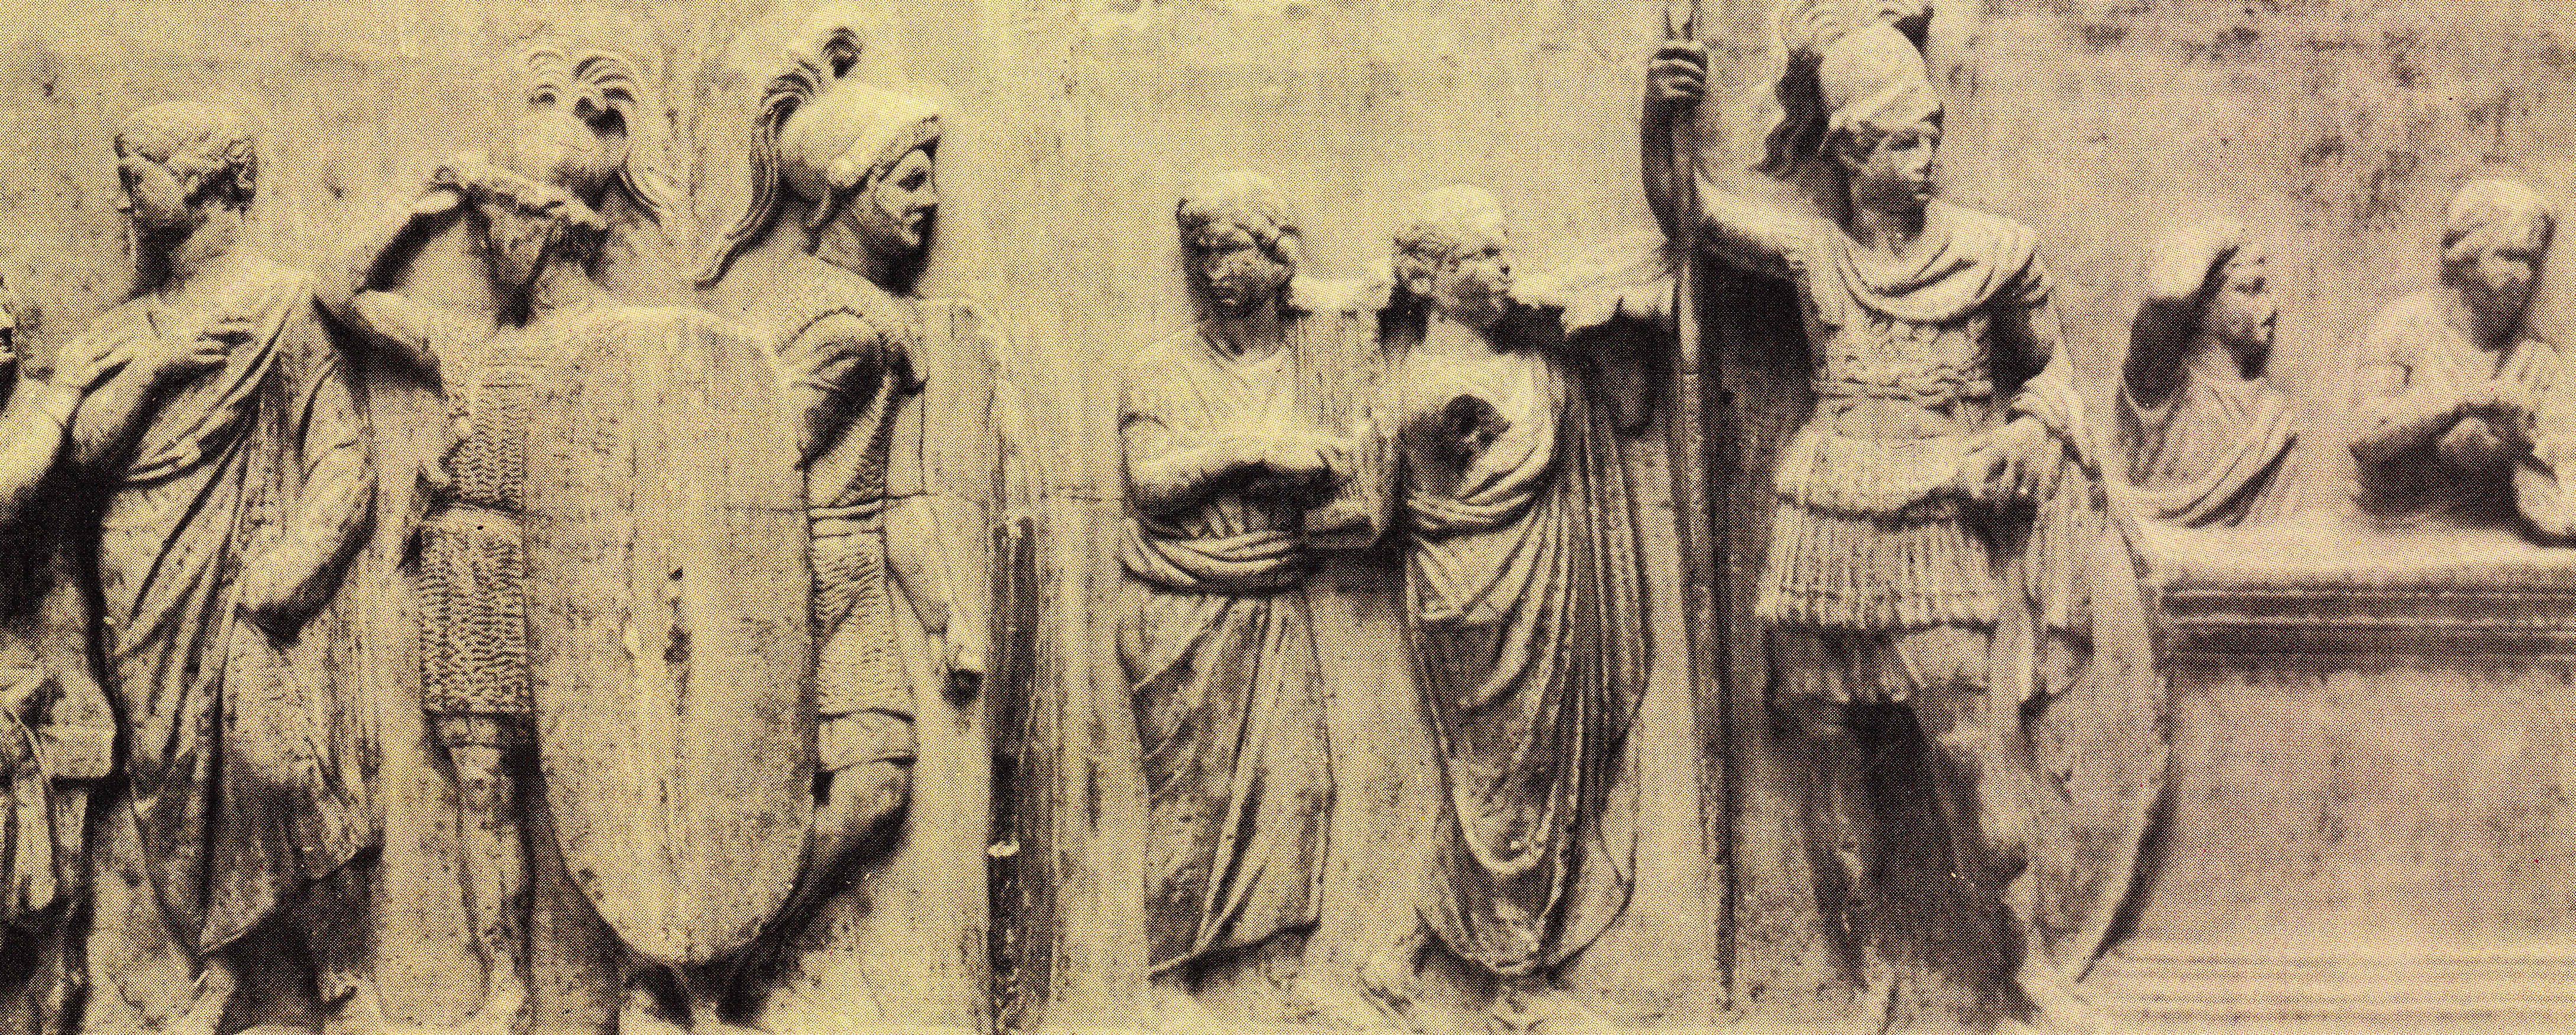 Egipto Antiguo 90 Duelo verbal entre Julio César y Cleopatra VII